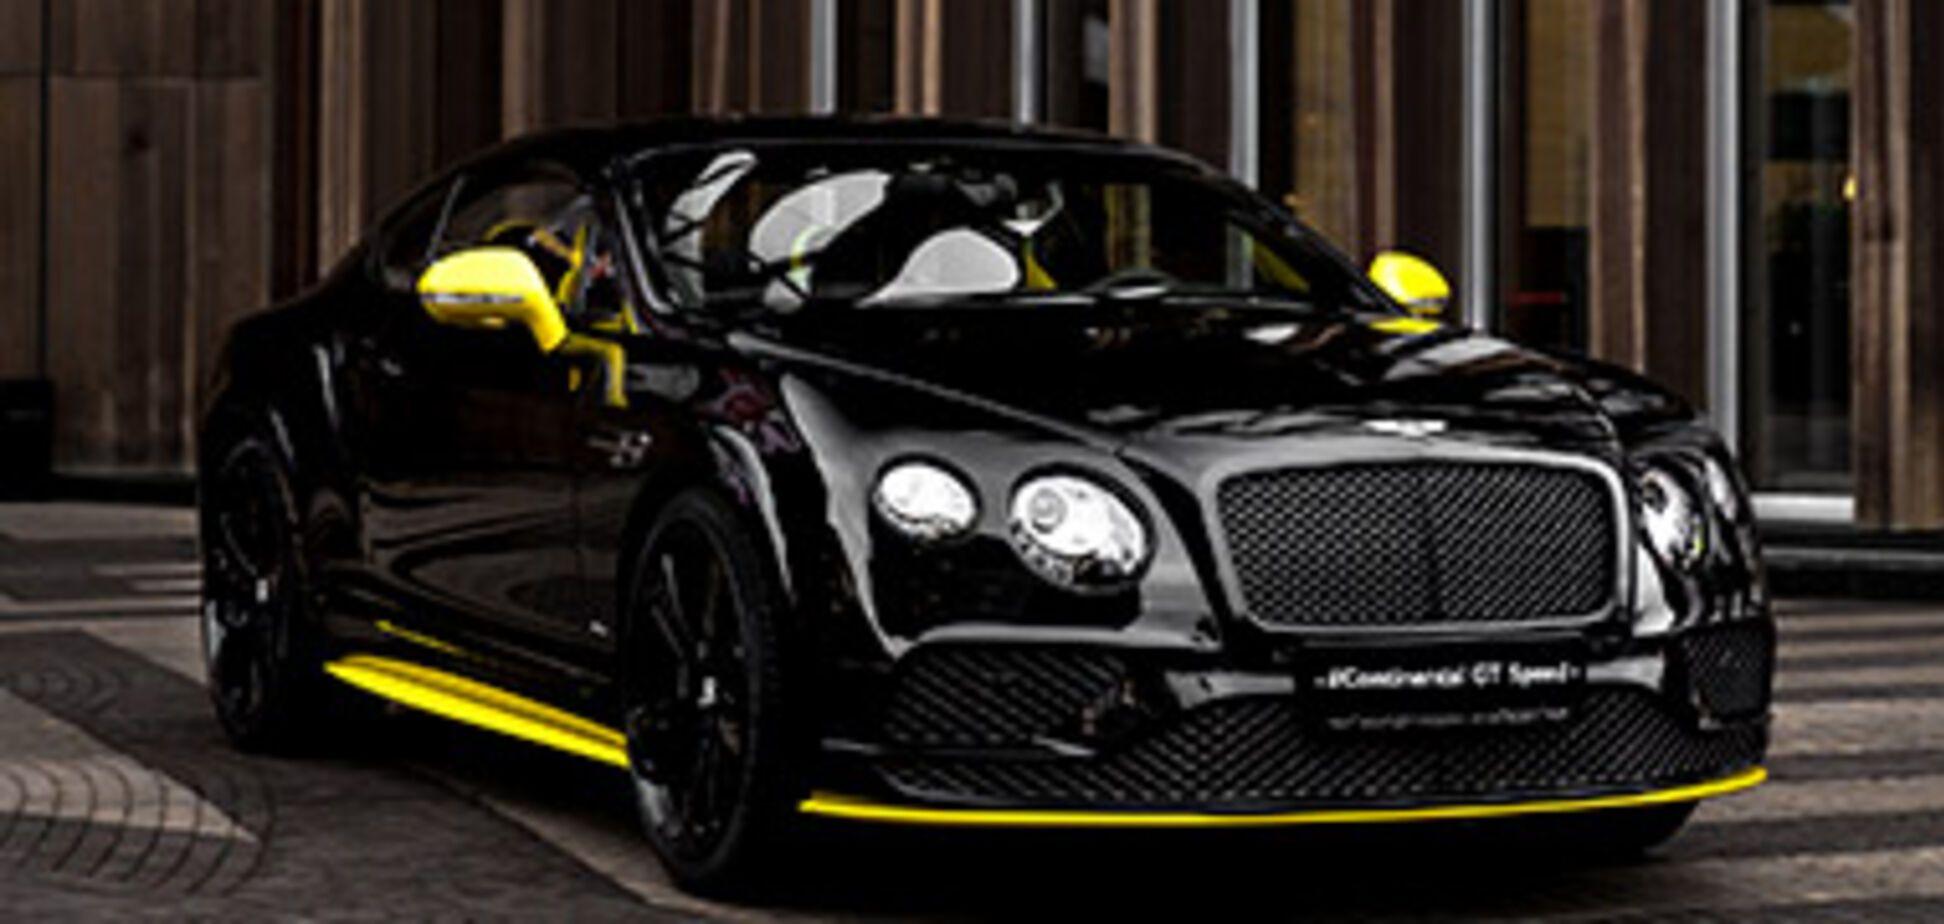 Під Києвом прокурор 'віджав' чужий Bentley майже за мільйон гривень